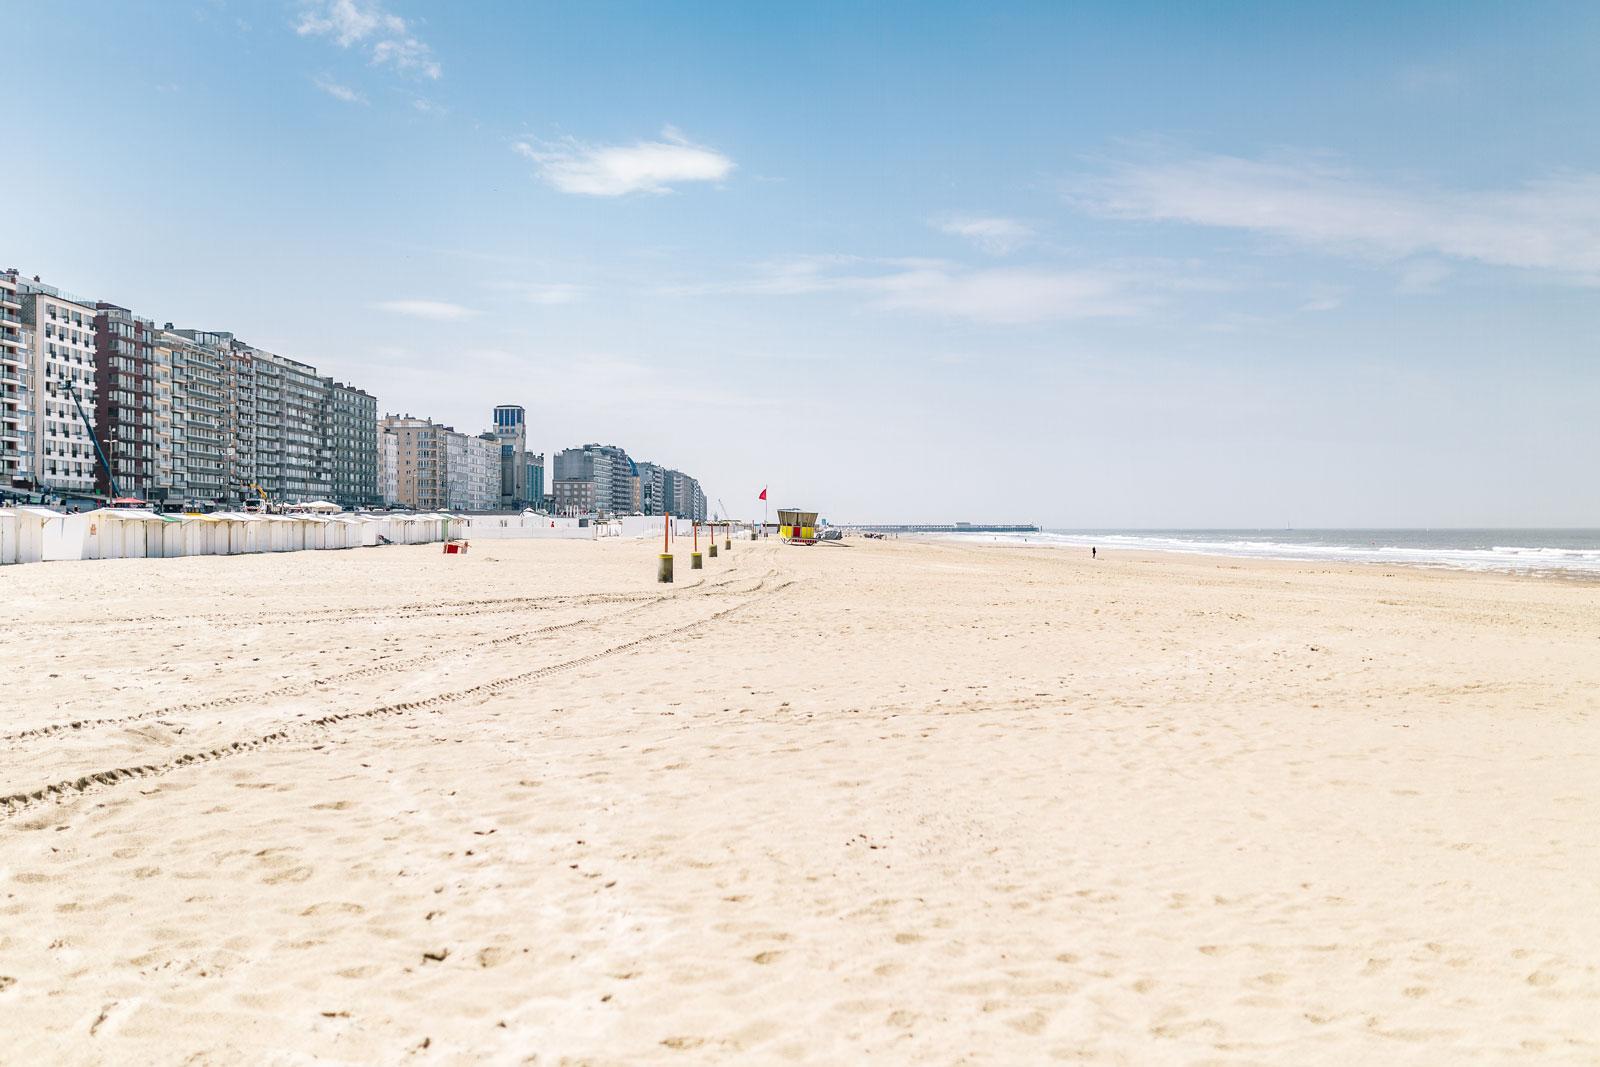 Urlaub an der belgischen Küste – Blankenberge